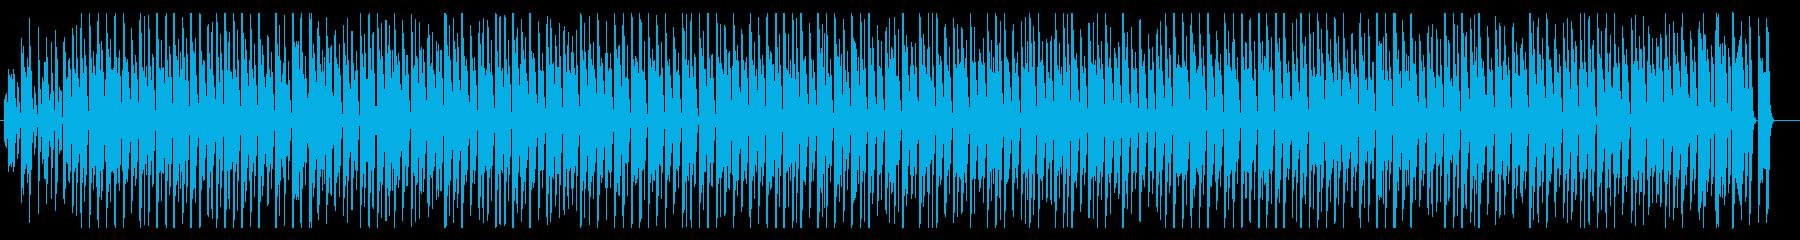 クッキング動画のBGMにの再生済みの波形